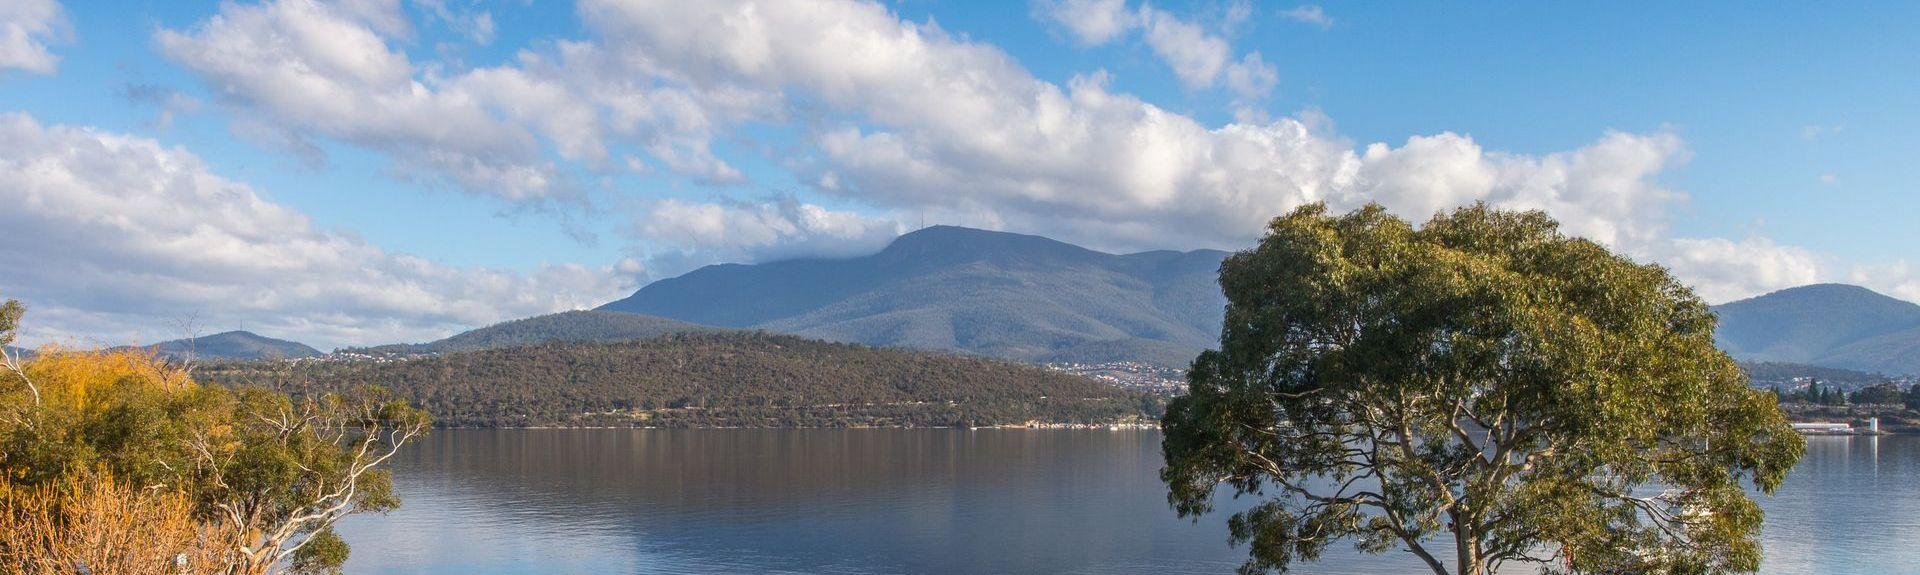 North Hobart, TAS, AU